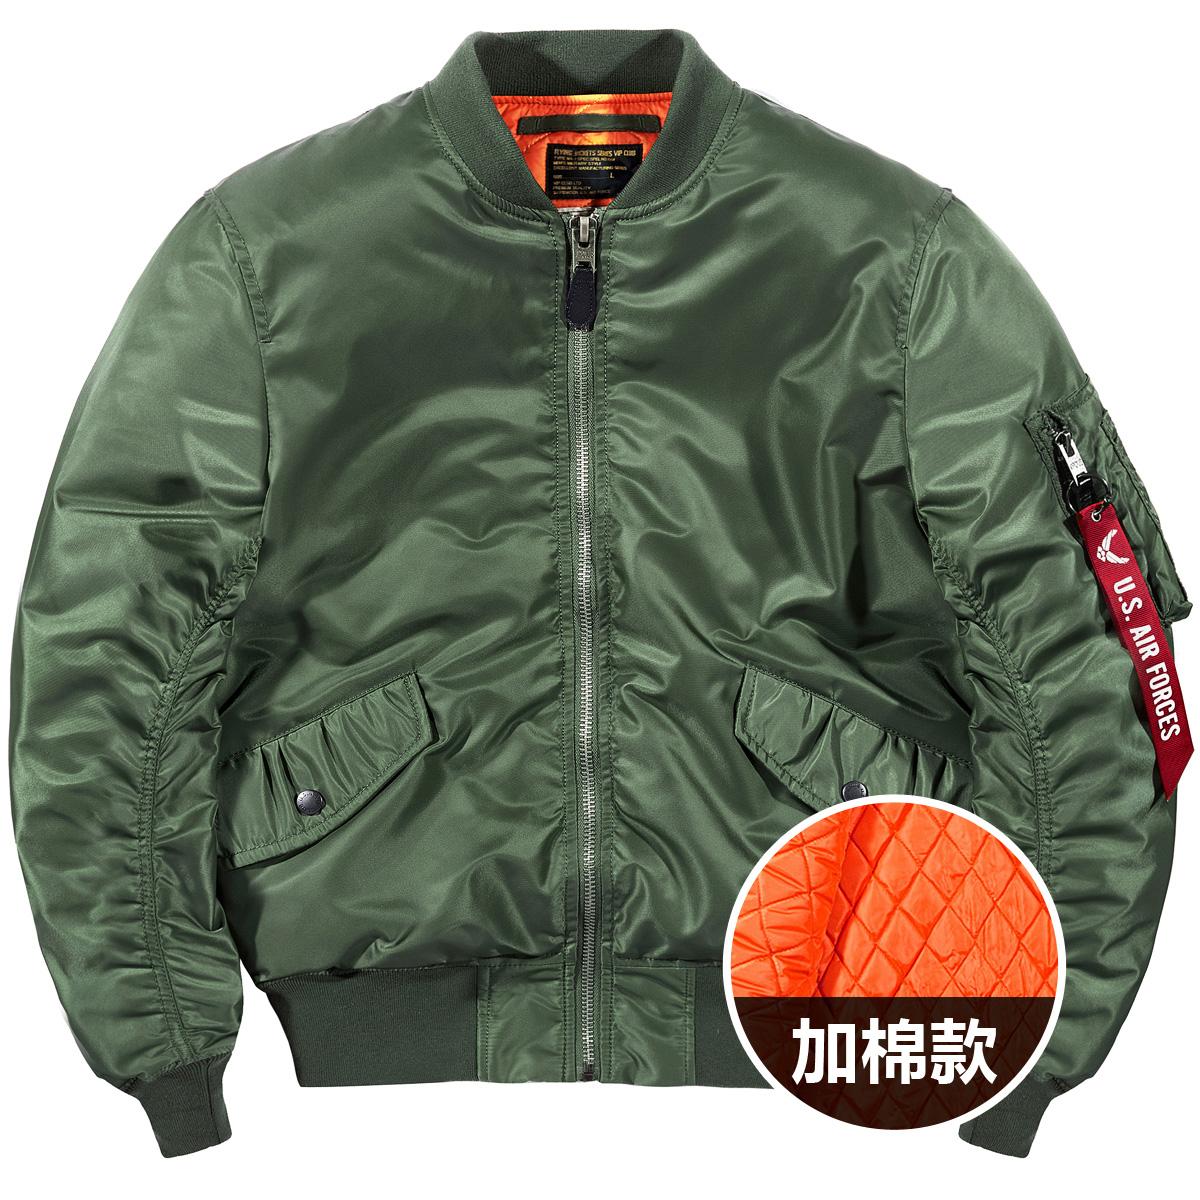 VIP秋冬季空军ma1飞行员夹克男韩版棒球服大码工装外套加厚棉衣潮